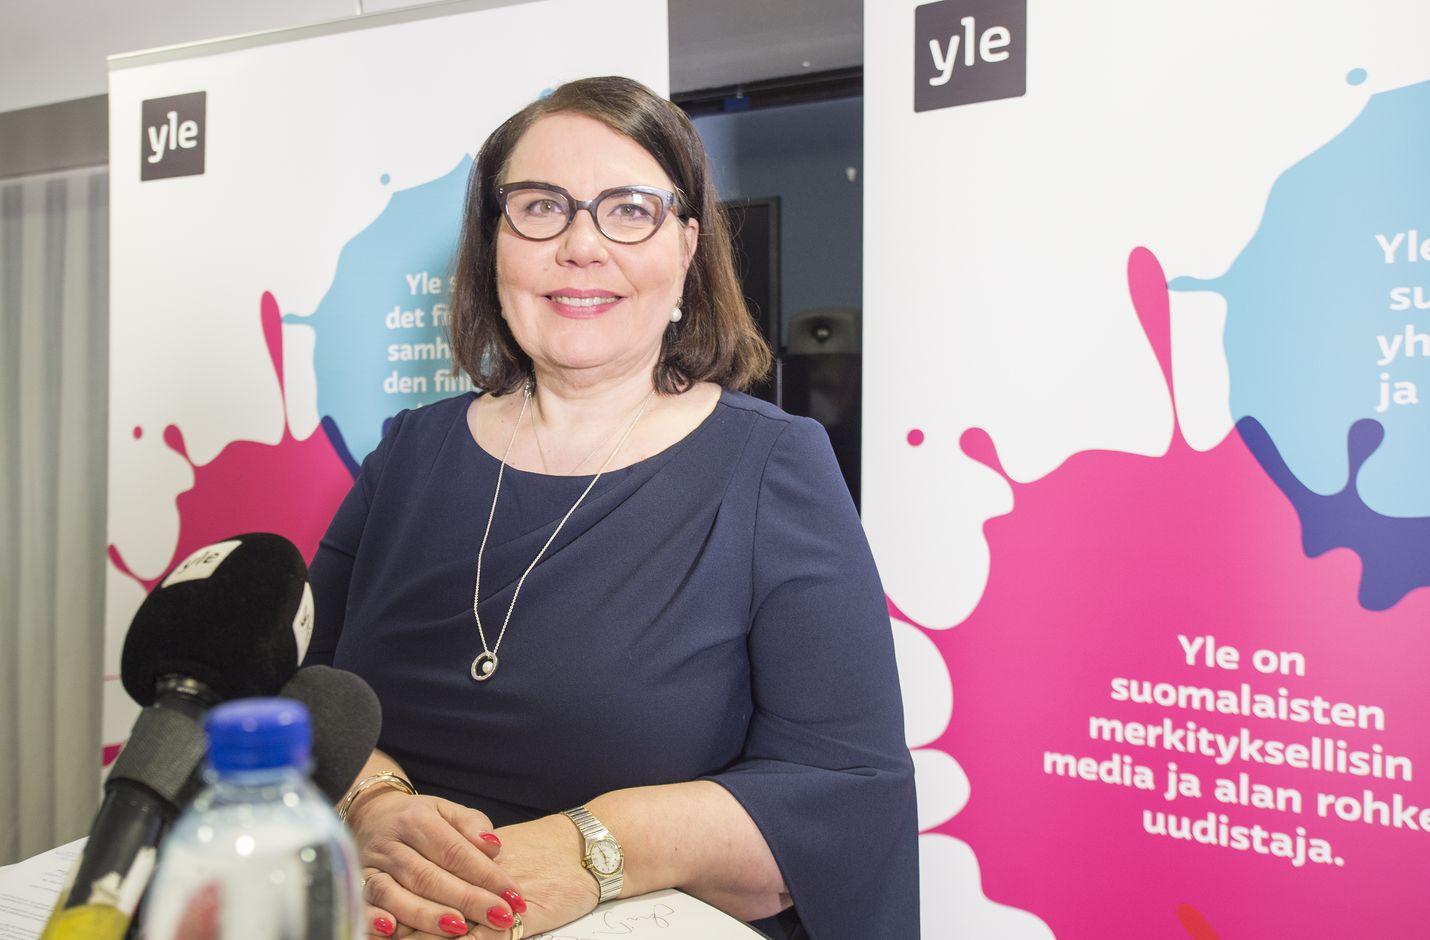 Paltan vaalivaliokunta ehdottaa Ylen toimitusjohtajaa Merja Ylä-Anttilaa Paltan hallituksen puheenjohtajaksi.